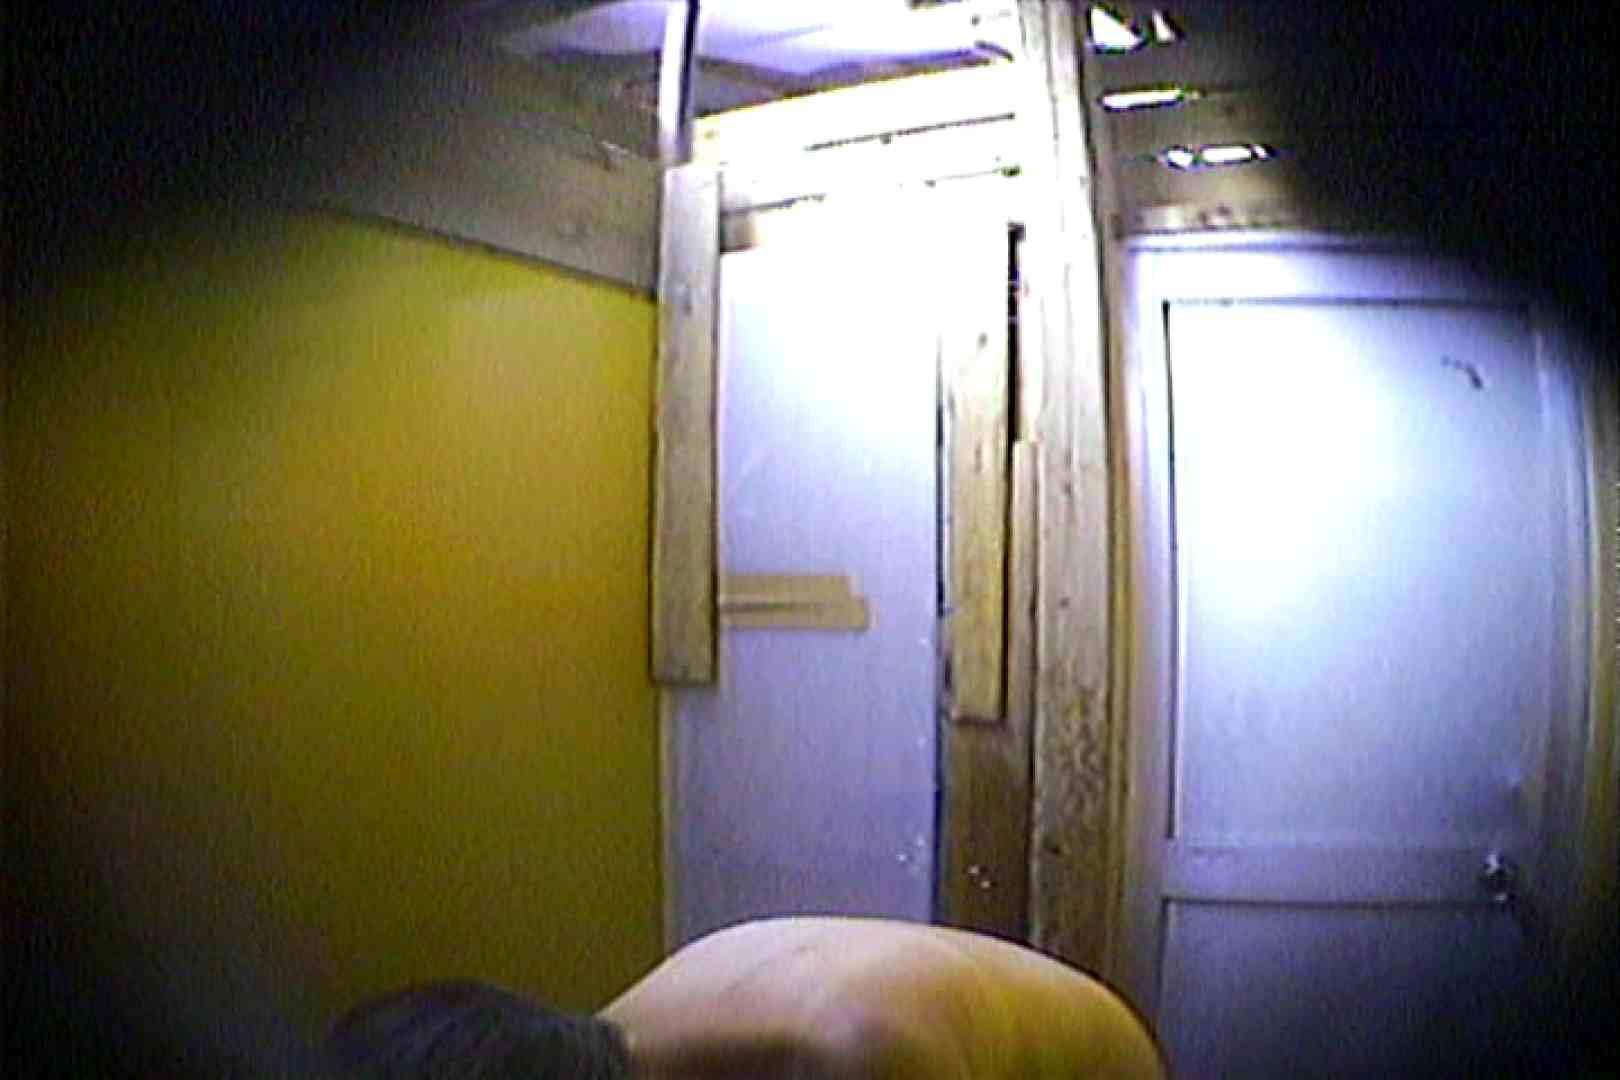 海の家の更衣室 Vol.15 色っぽいOL達 隠し撮りオマンコ動画紹介 95pic 80